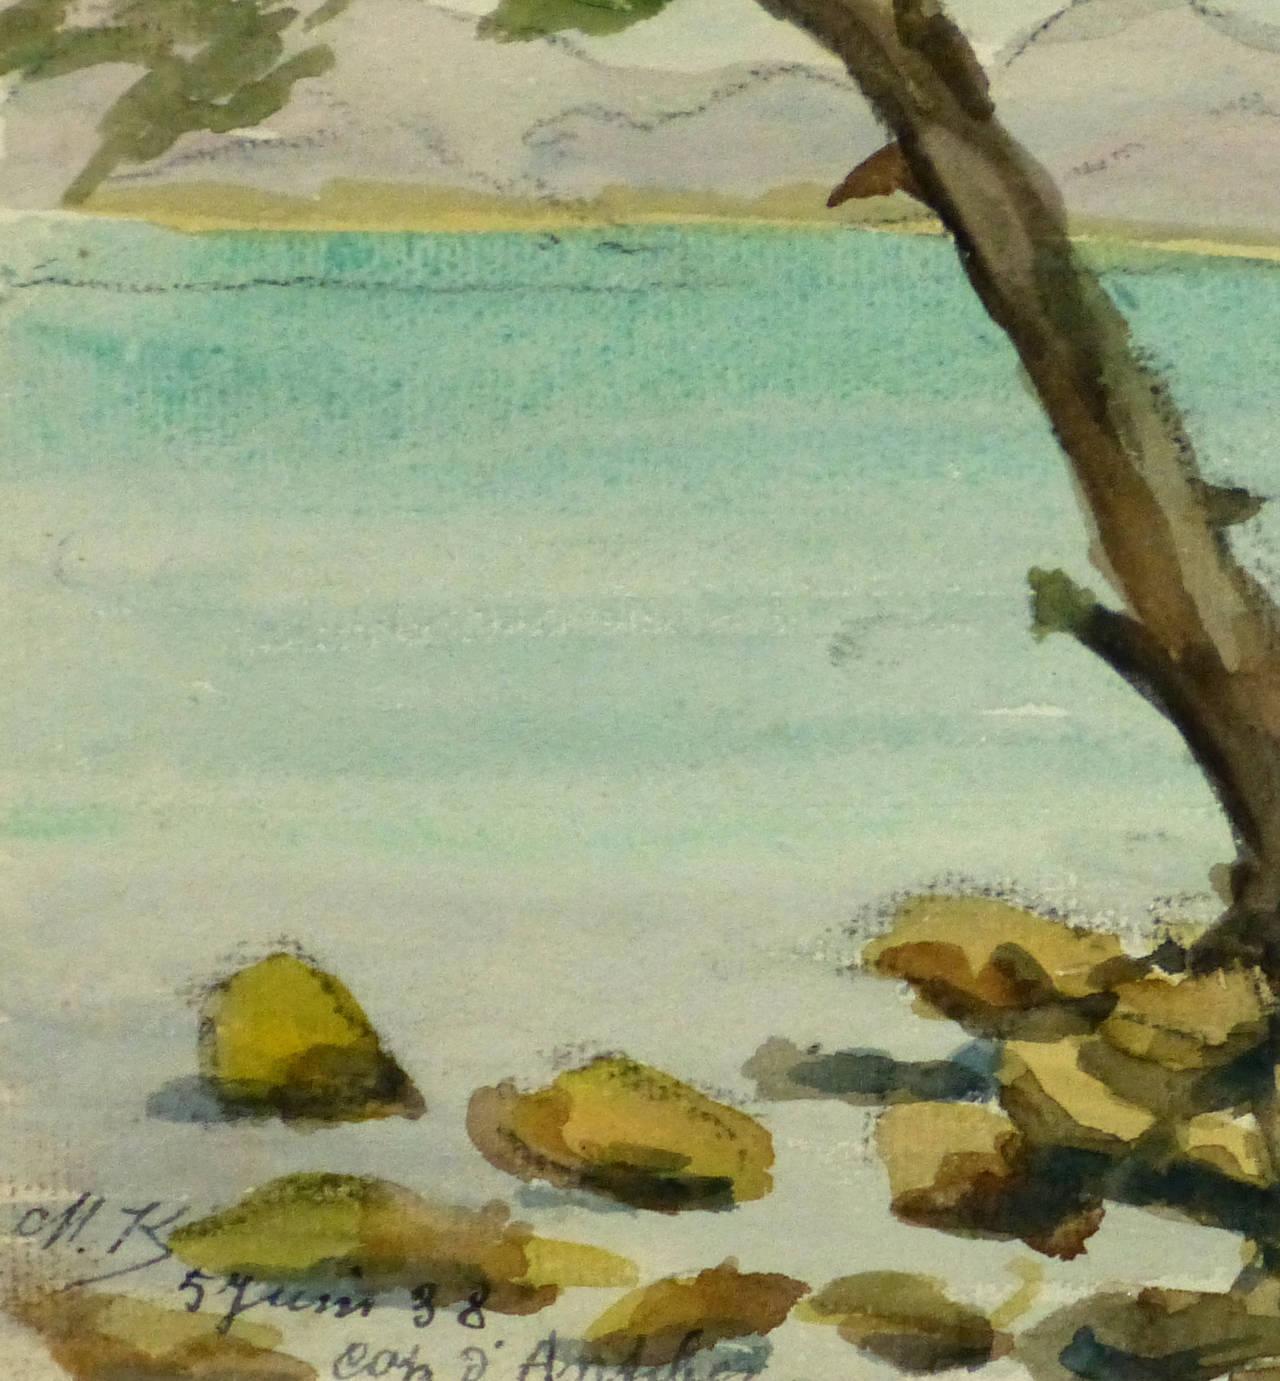 Vintage French Watercolor Landscape - Côte d'Azur - Art by M. Kesseler